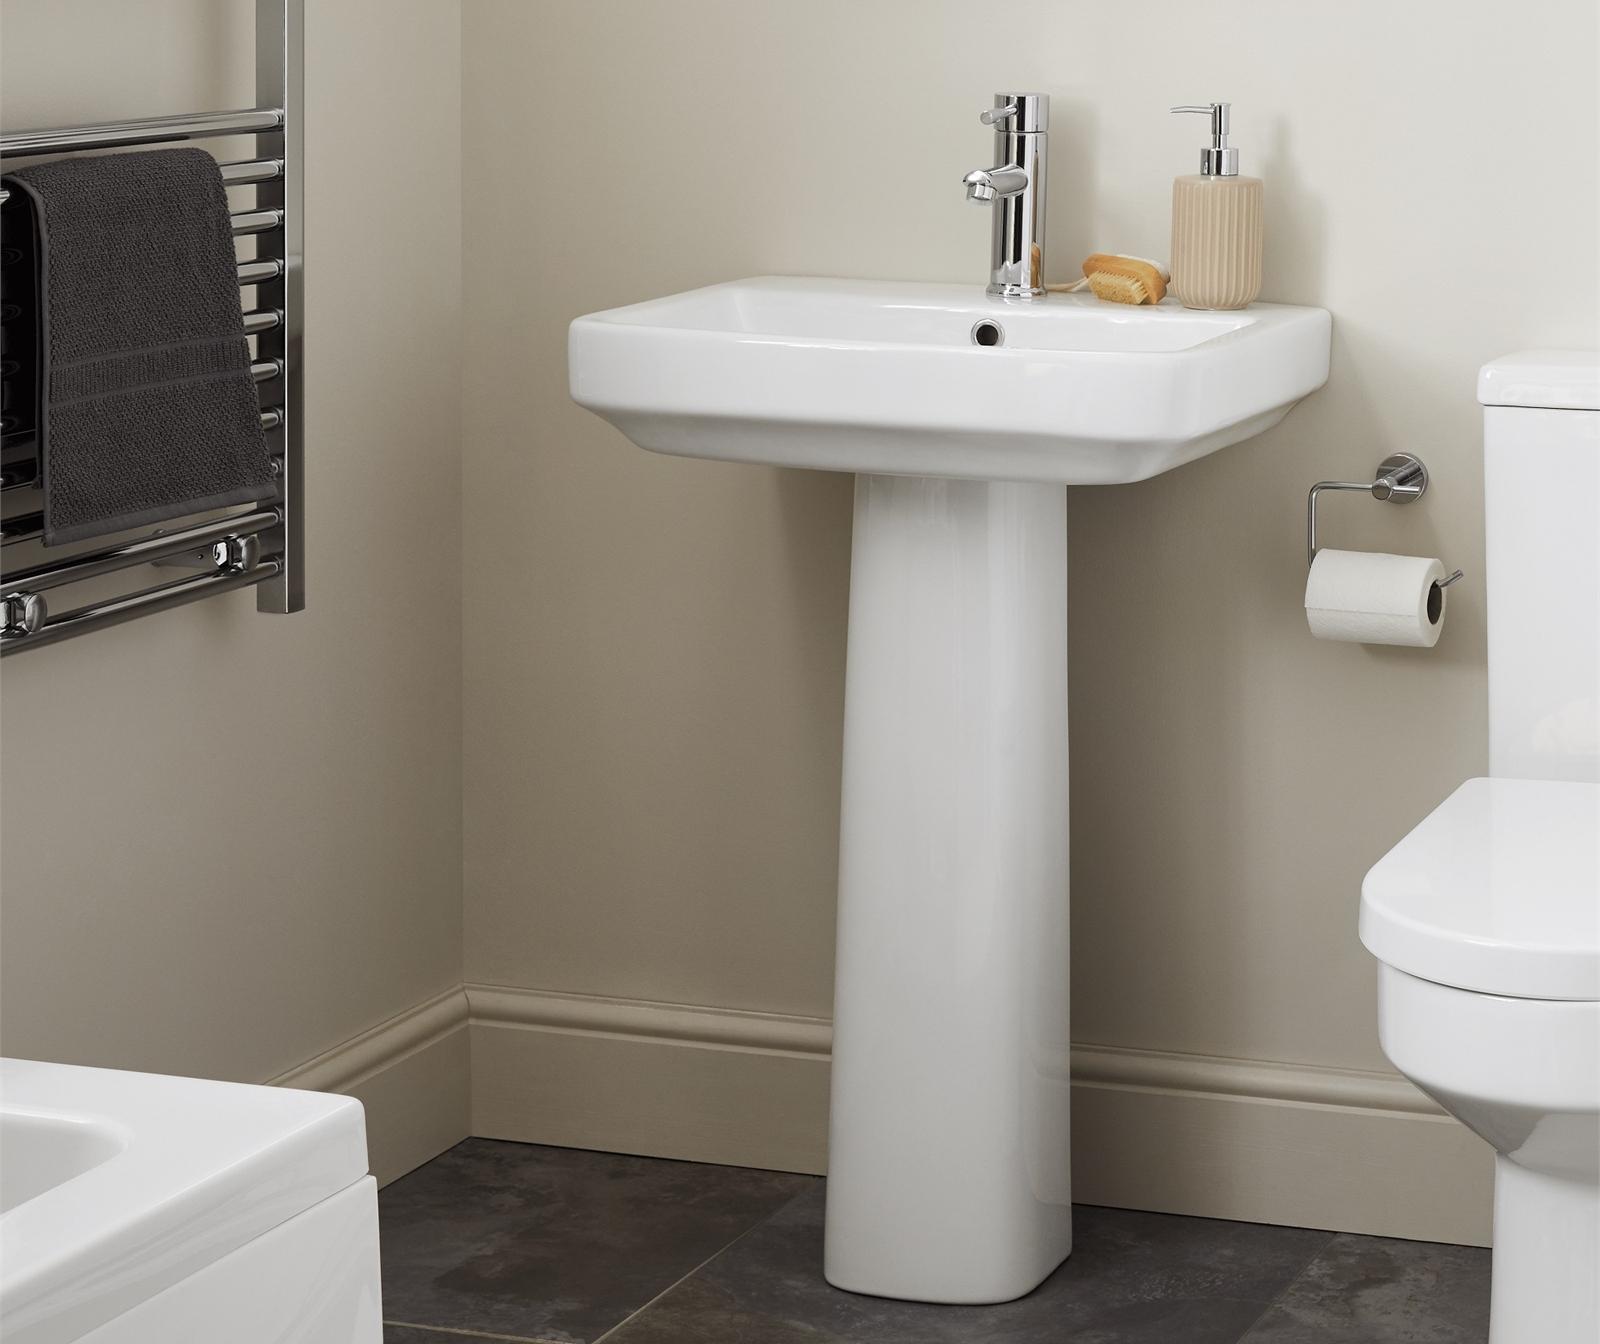 Mondella Cadenza Pedestal Basin - £24 or Maestro Pedestal Basin - £26.40 /  Up to 70% off  Mondela Range @ Homebase  (More in OP)